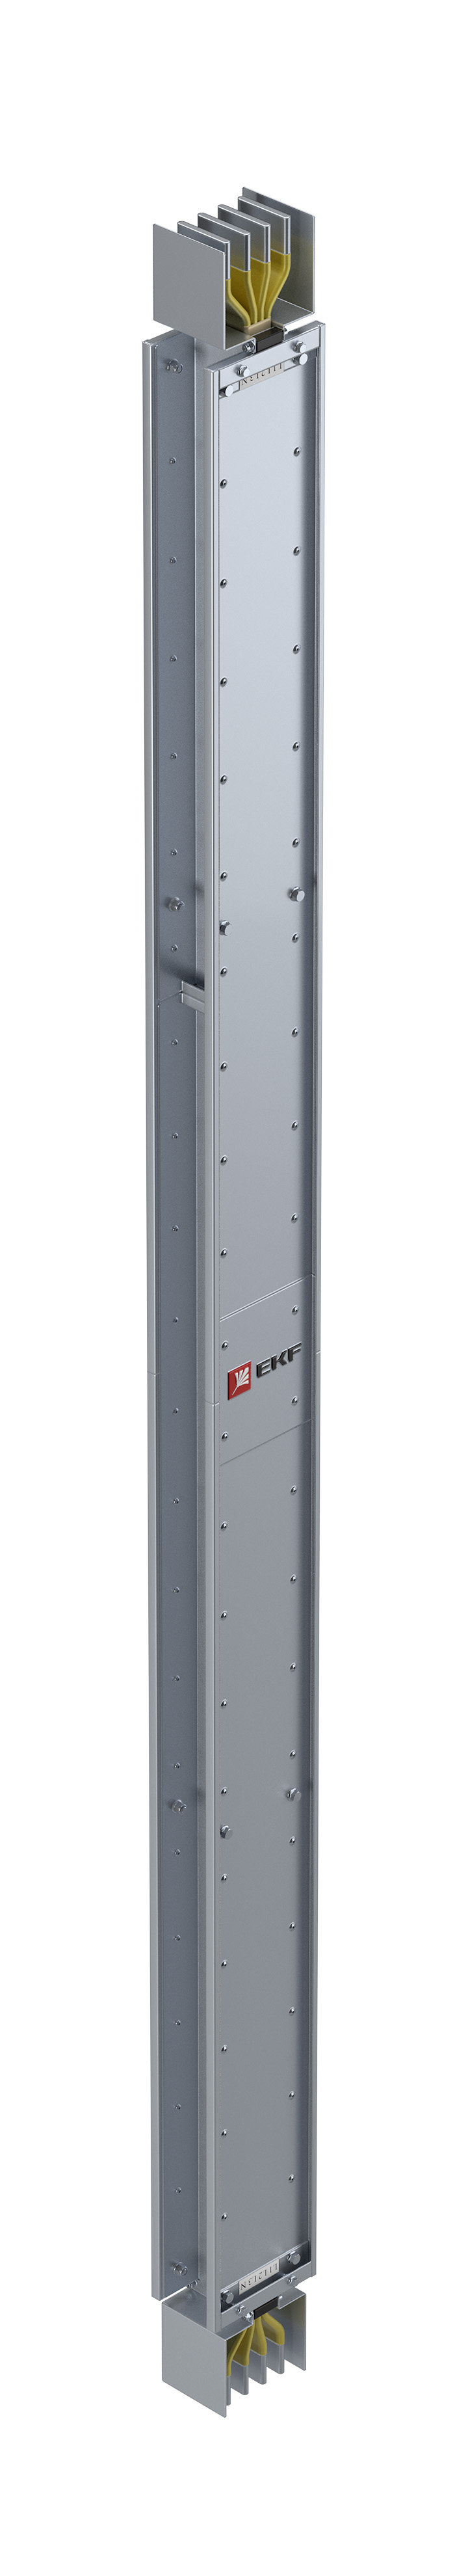 Прямая магистральная стандартная секция 3200 А IP55 AL 3L+N+PE(КОРПУС) длина 3м